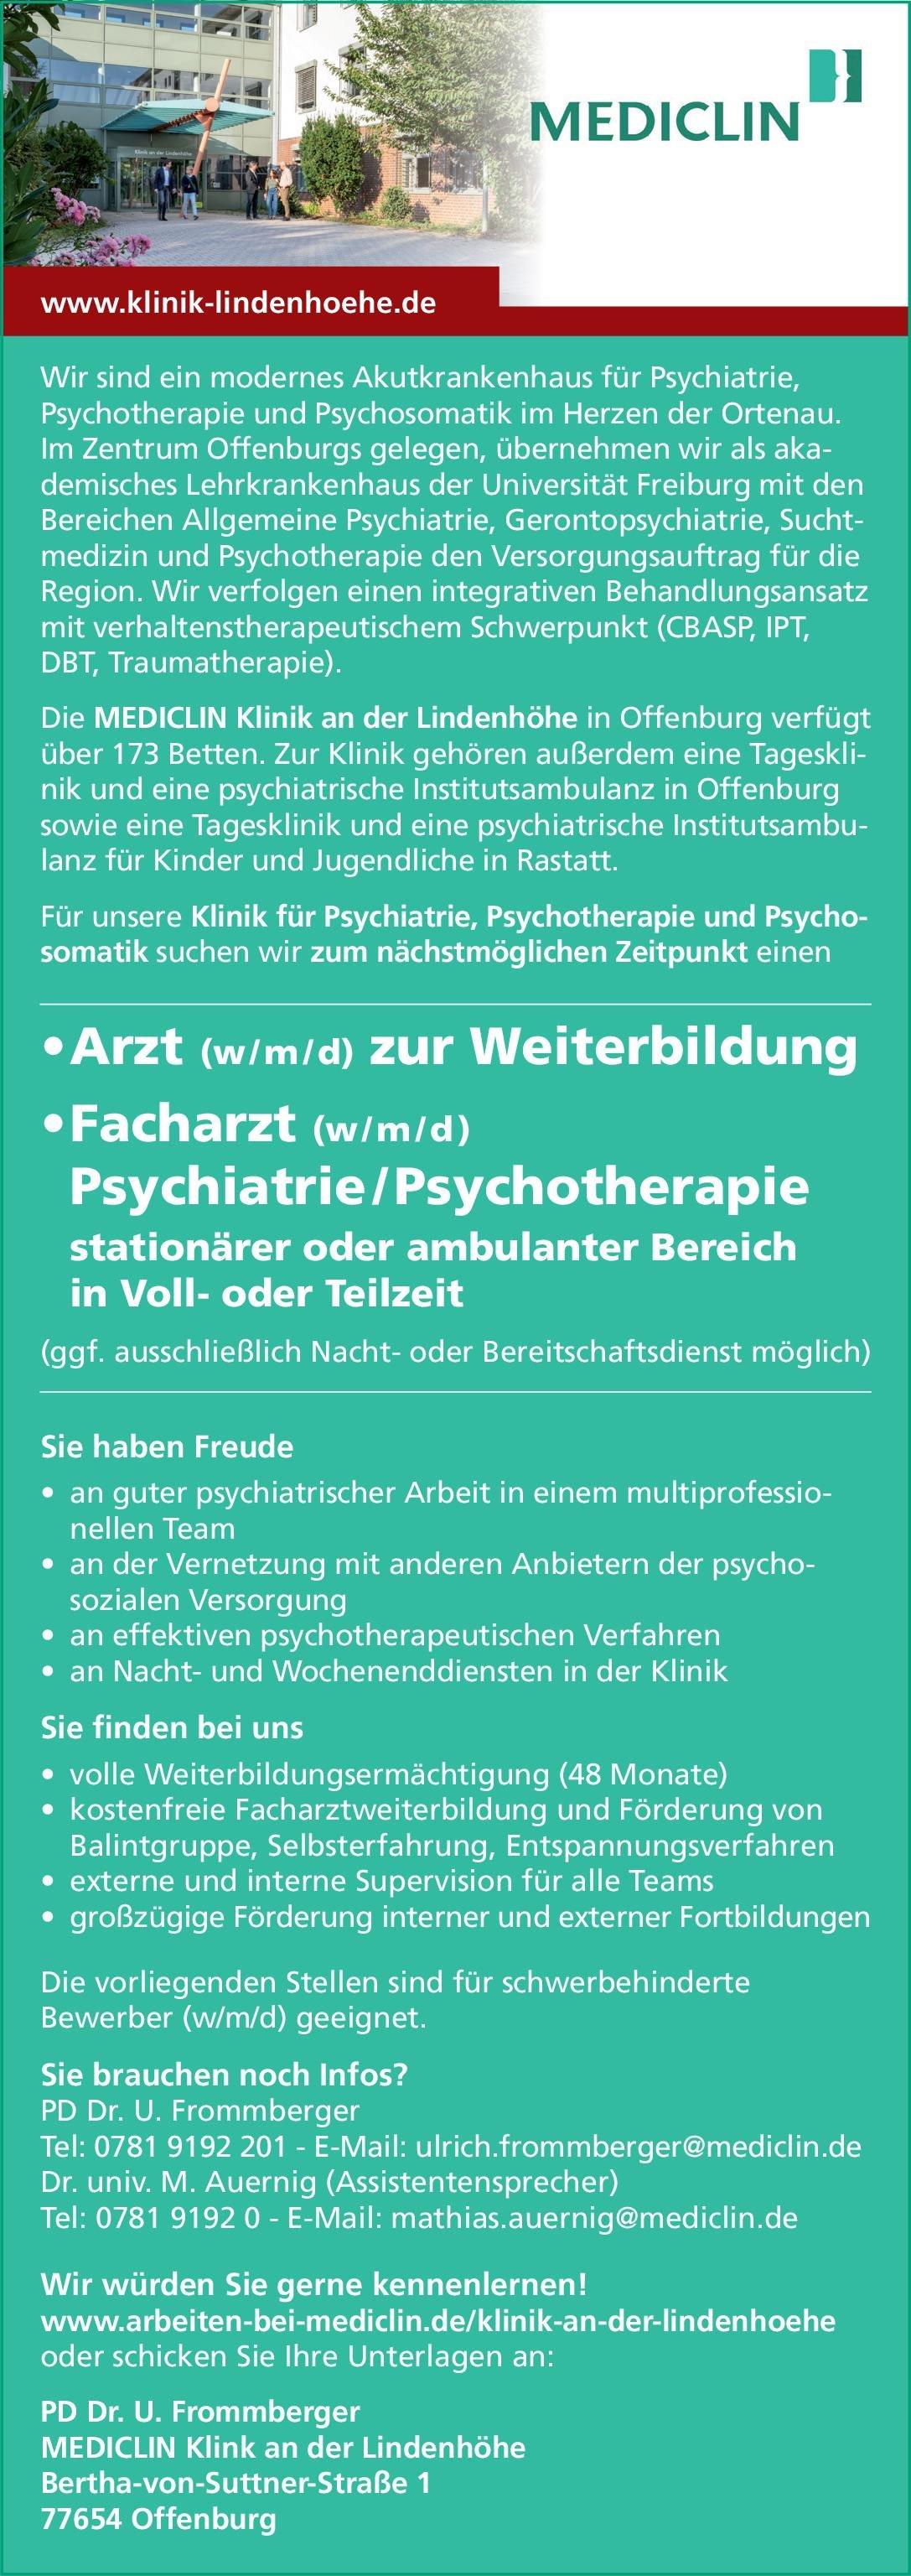 MEDICLIN Klink an der Lindenhöhe Arzt (w/m/d) zur Weiterbildung Psychiatrie, Psychotherapie und Psychosomatik  Psychiatrie und Psychotherapie, Psychiatrie und Psychotherapie, Psychosomatische Medizin und Psychotherapie Assistenzarzt / Arzt in Weiterbildung